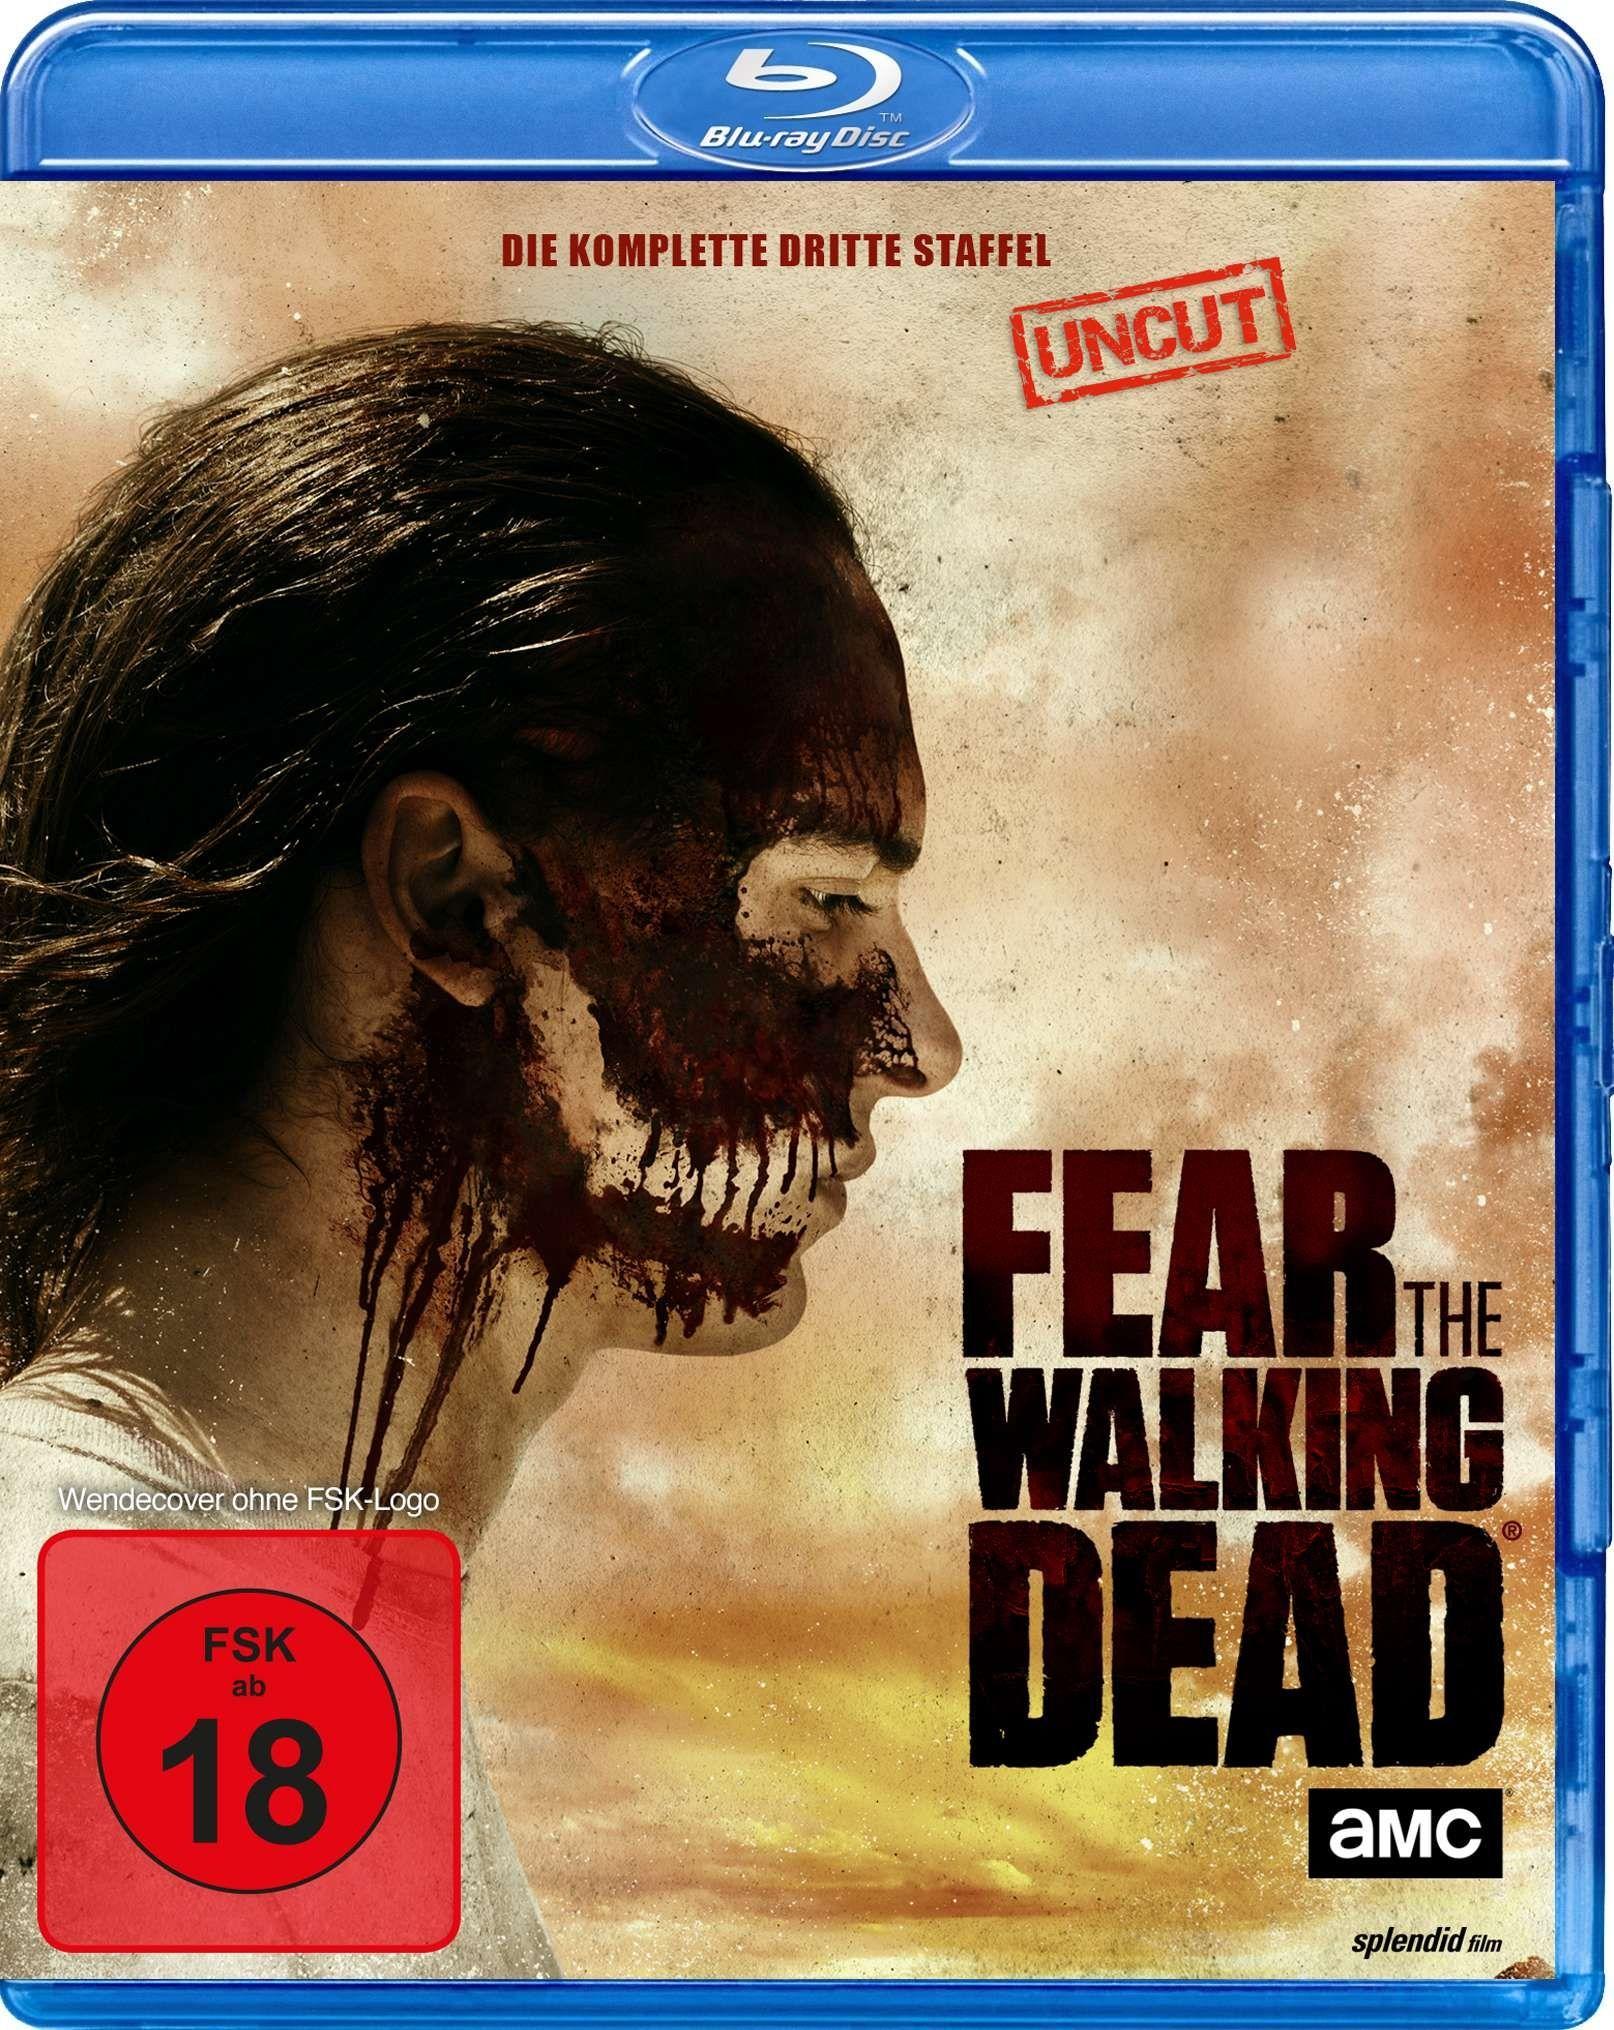 Fear the Walking Dead - Season 3 (Uncut) (4 Discs) (BLURAY)